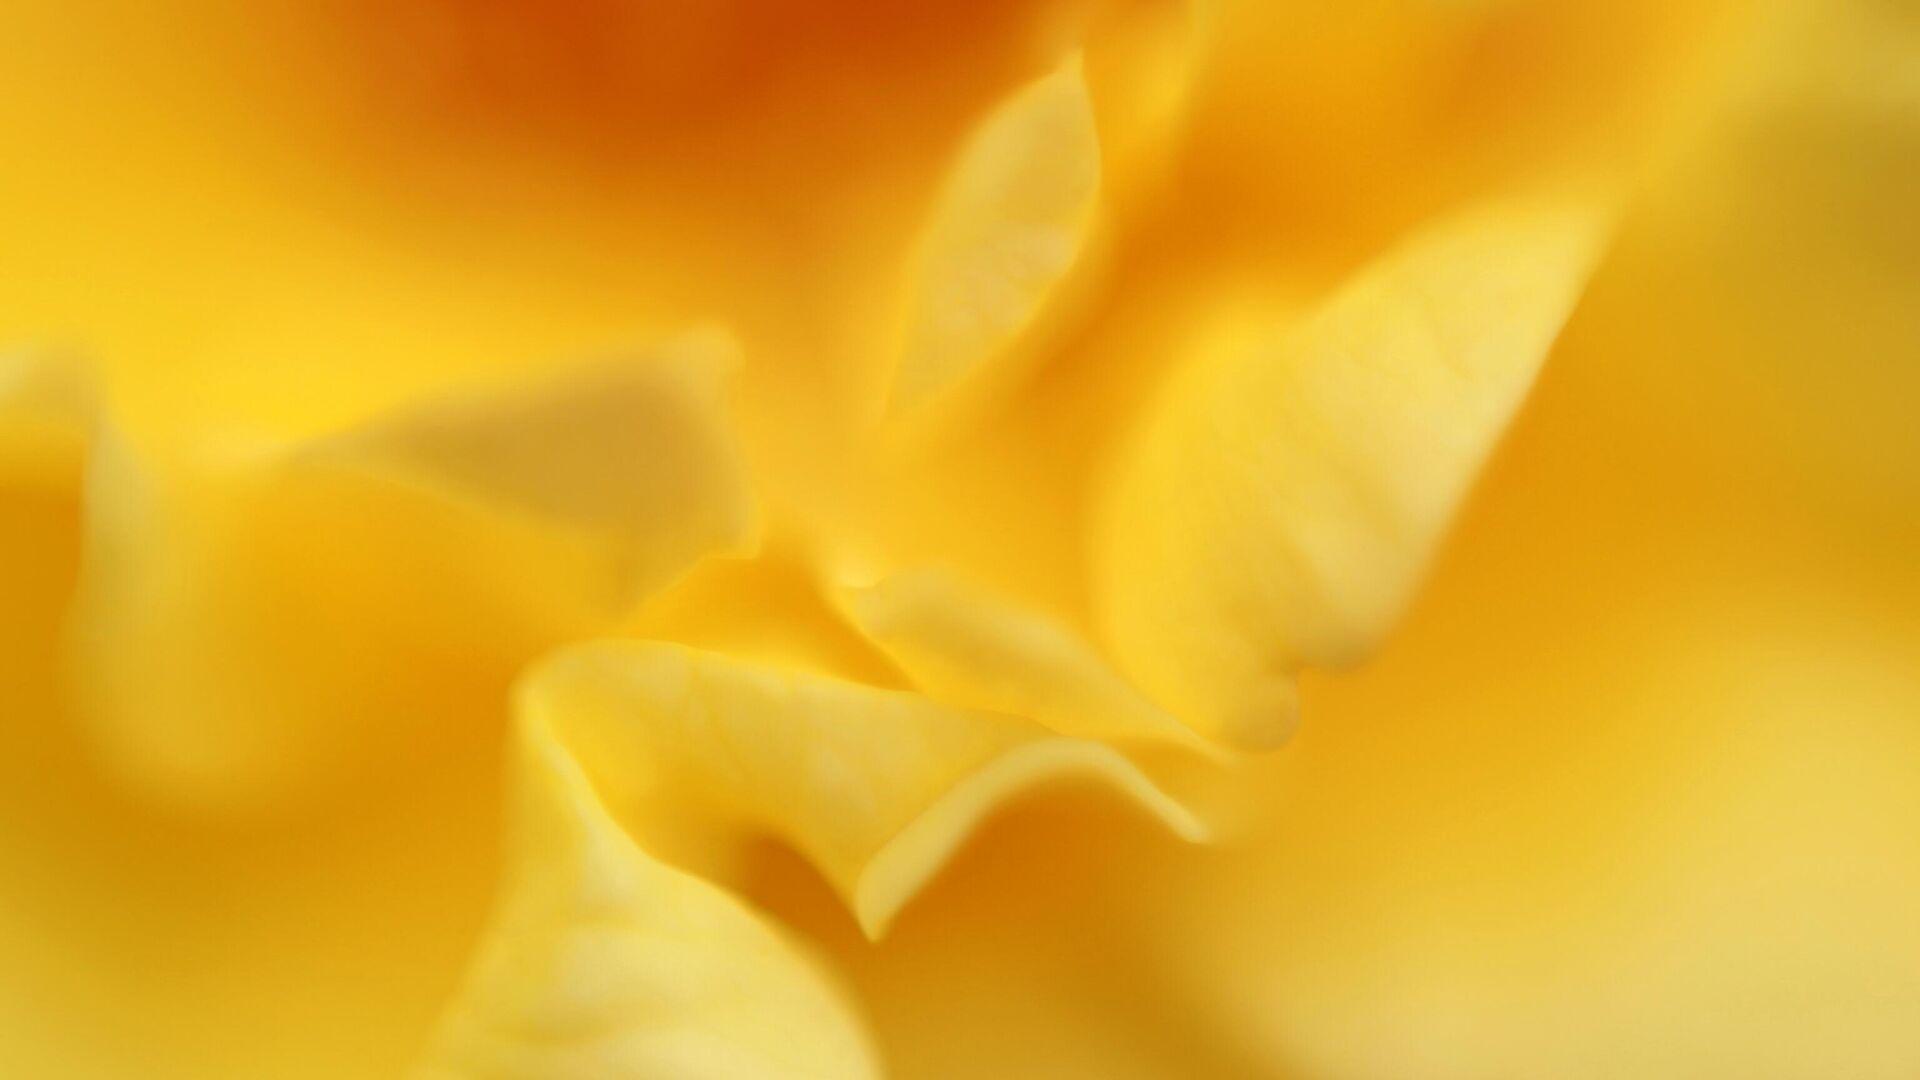 Роза сорта Голштерн на выставке роз в Ботаническом саду МГУ Аптекарский огород - РИА Новости, 1920, 10.12.2020